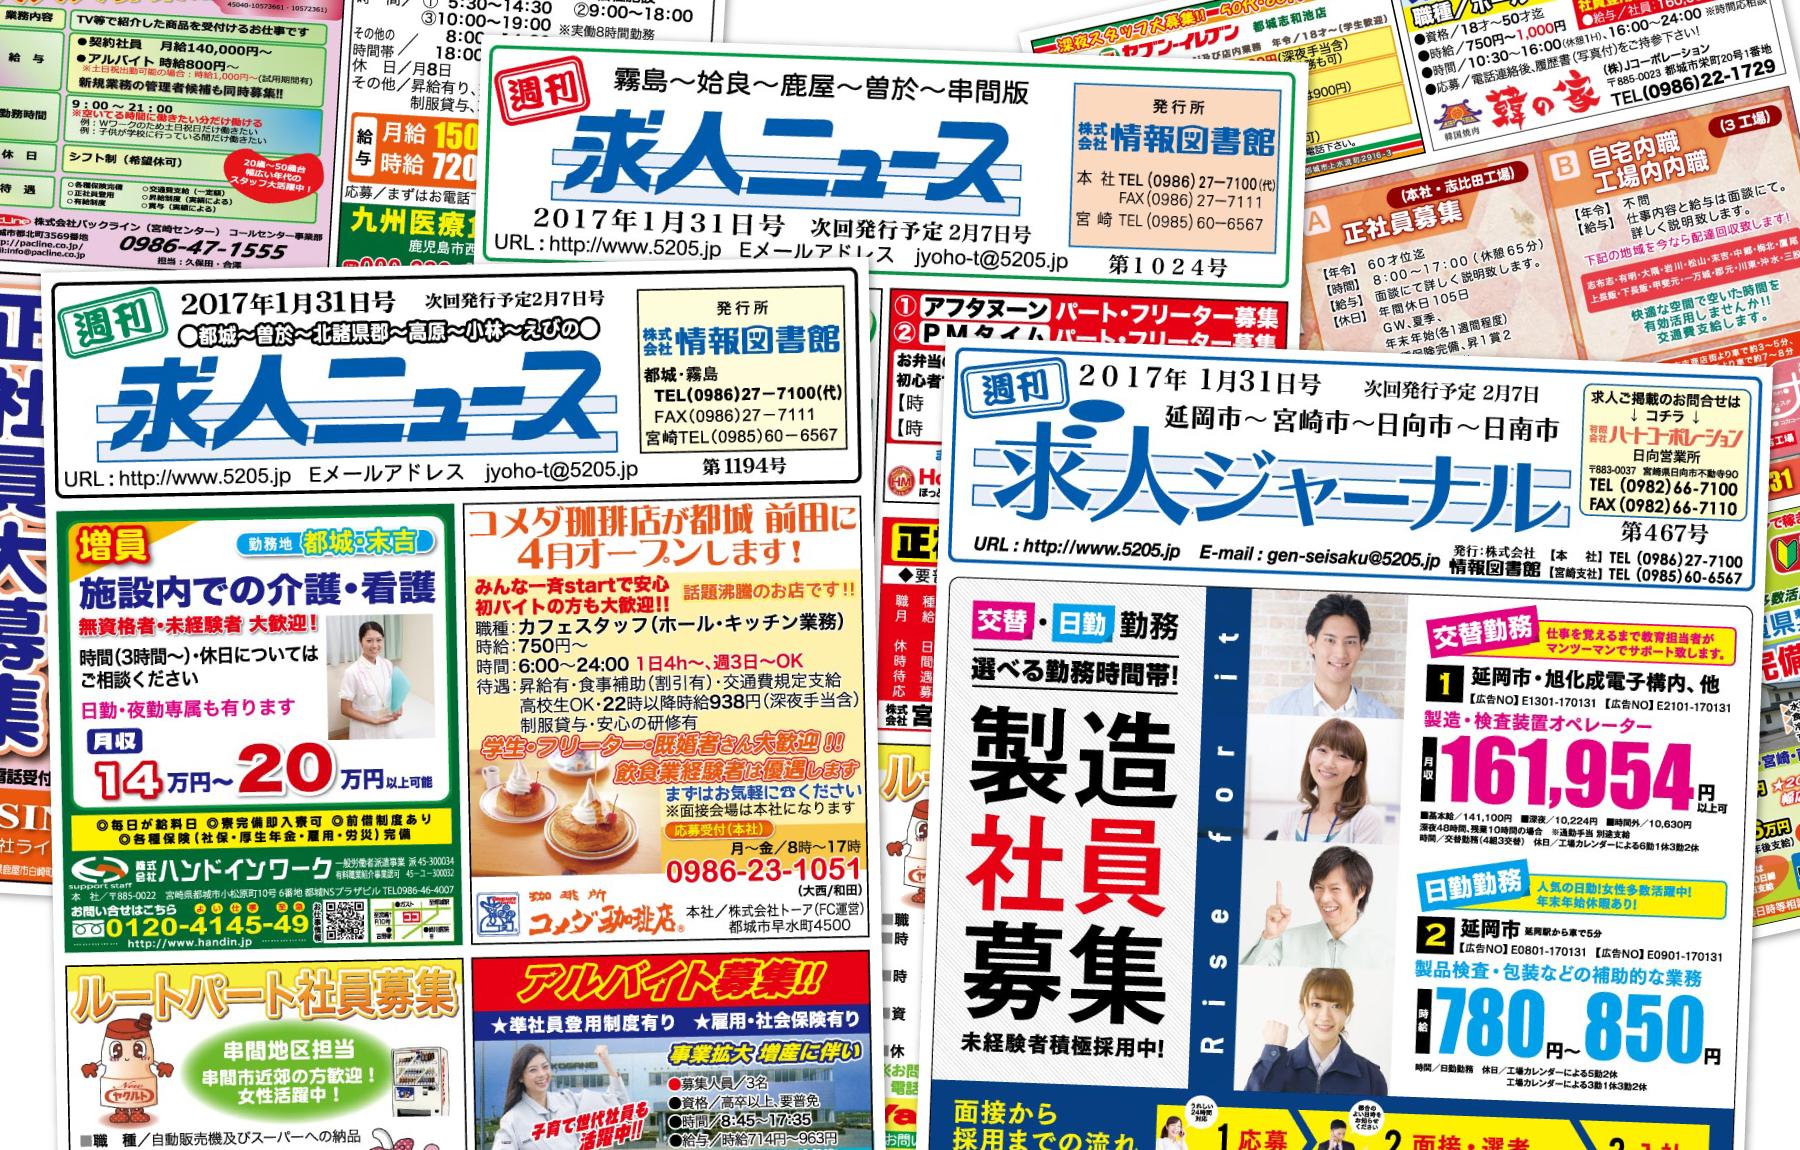 求人ニュース・求人ジャーナル | 株式会社 情報図書館